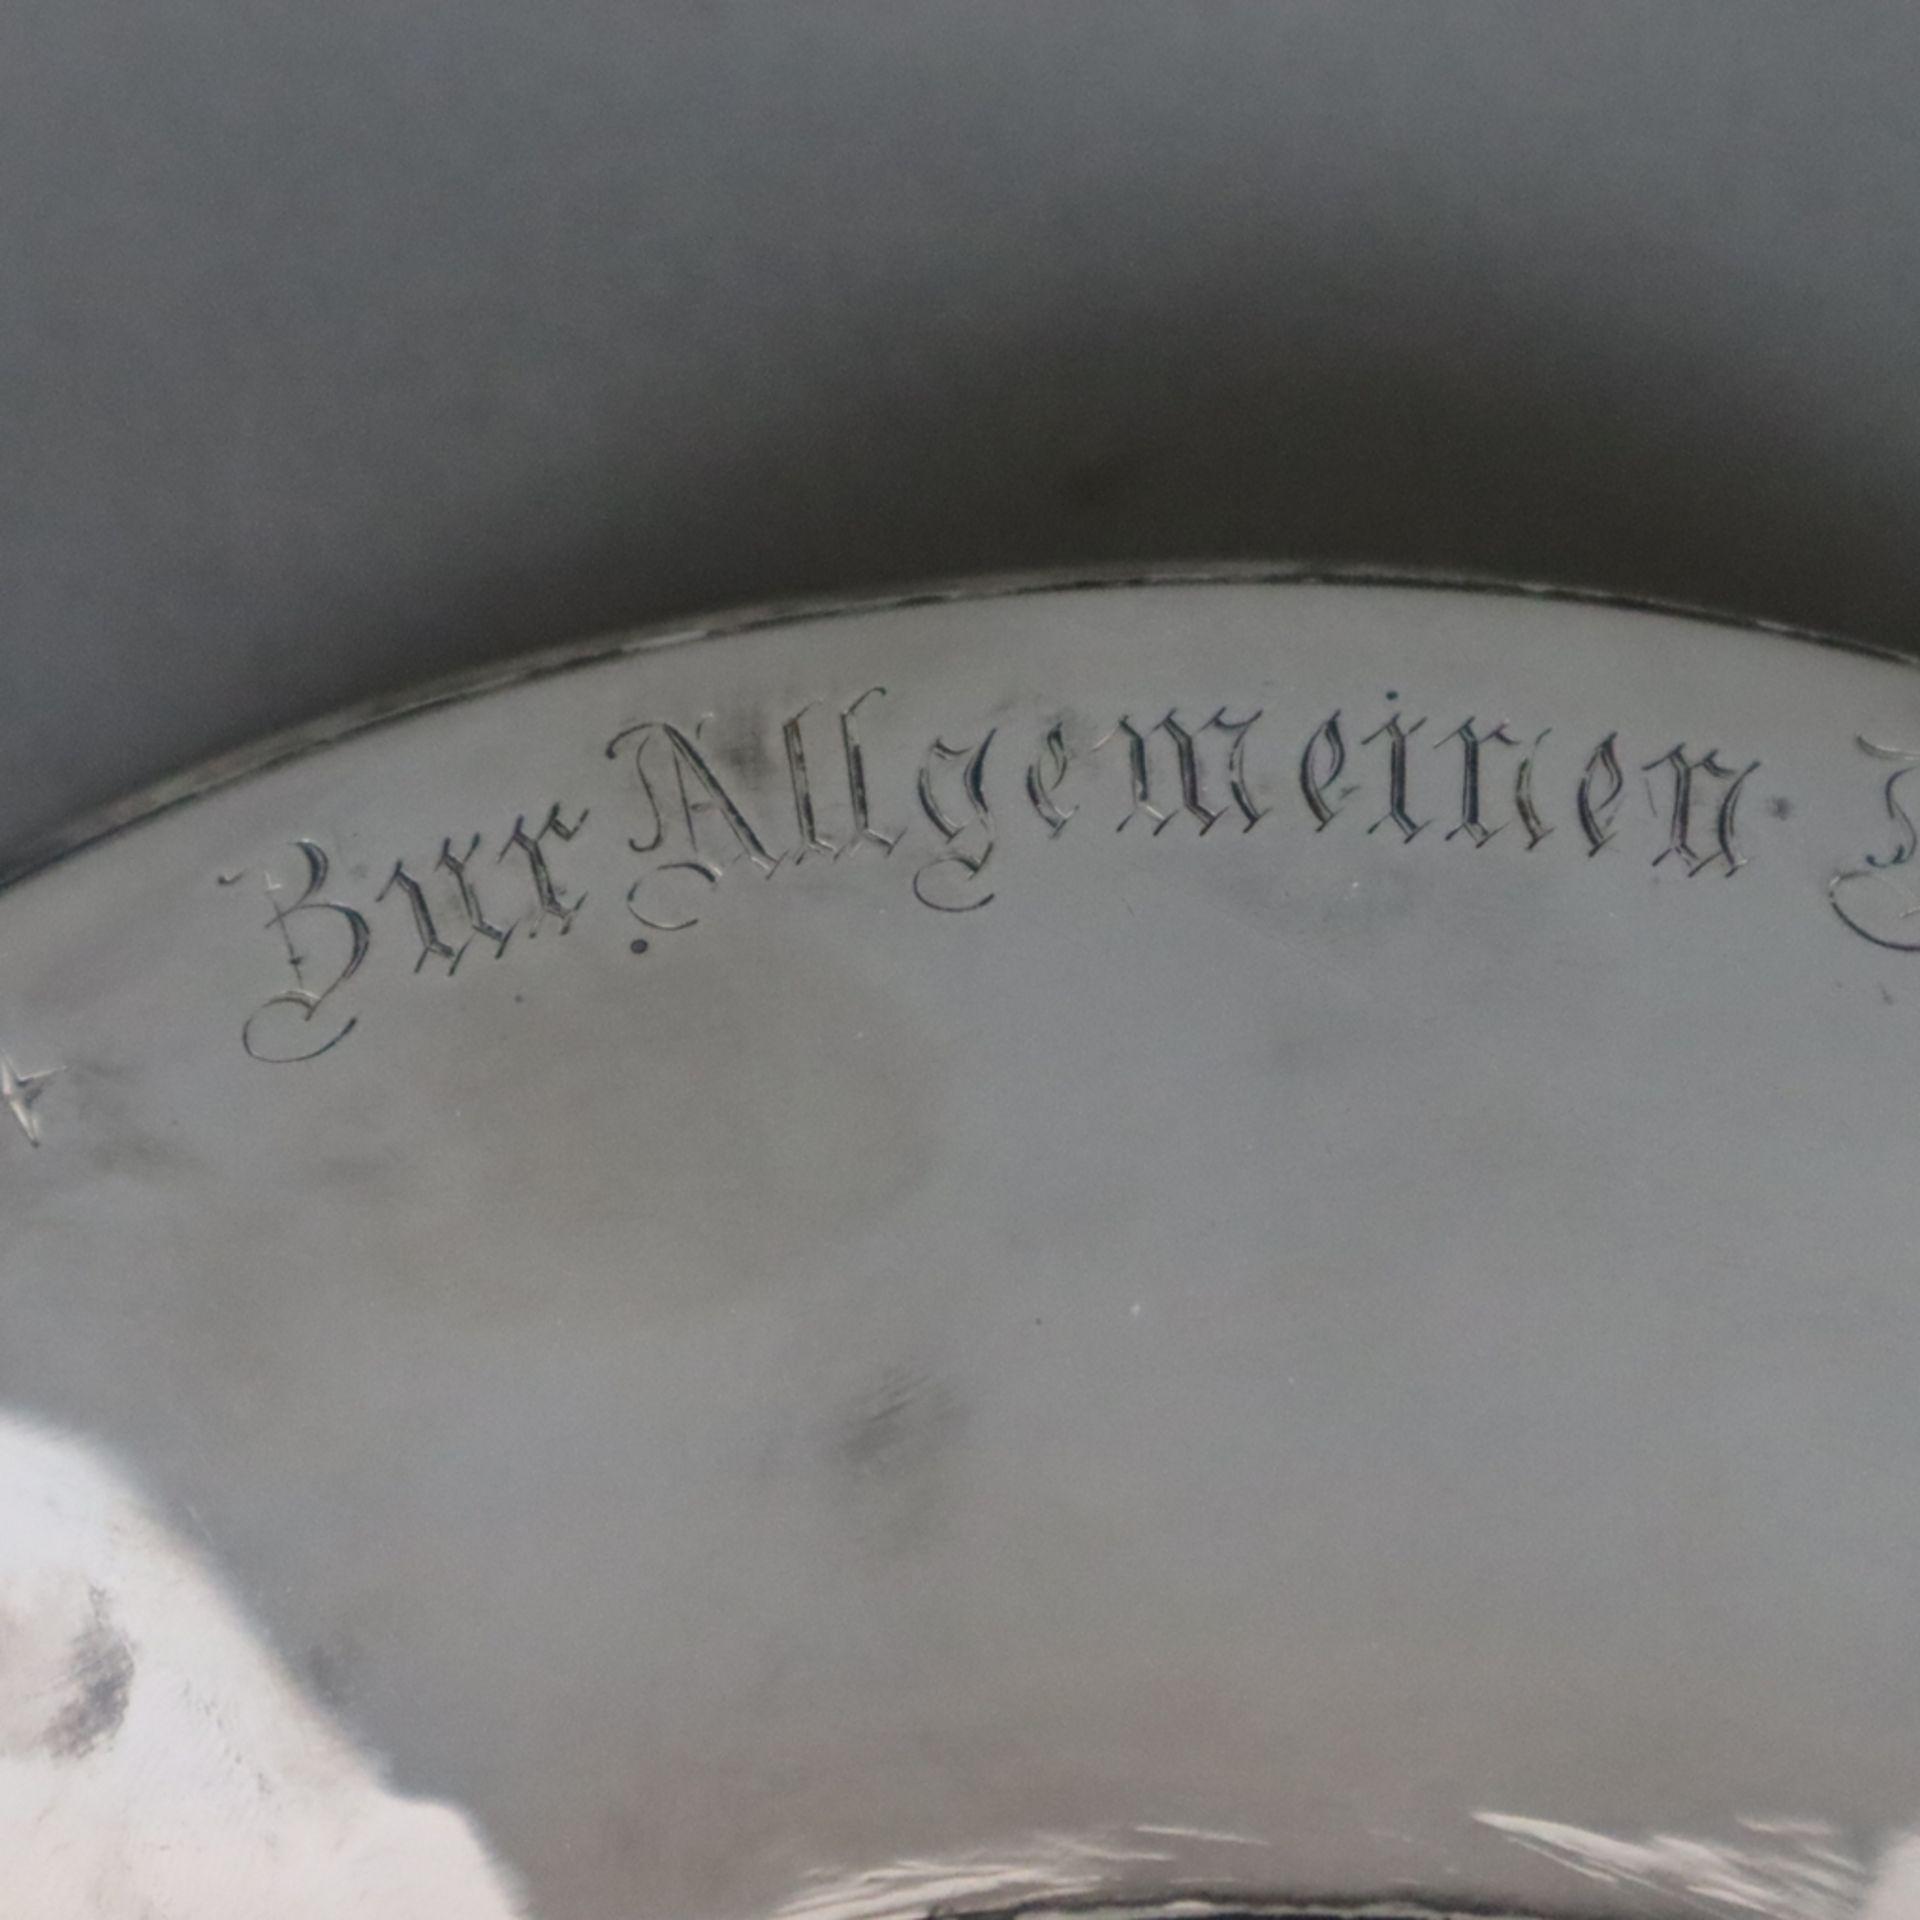 """Silber-Tafelaufsatz -deutsch, datiert 1912, umlaufende Stiftungsinschrift """"Zur Allgemeinen Deutsche - Image 7 of 12"""